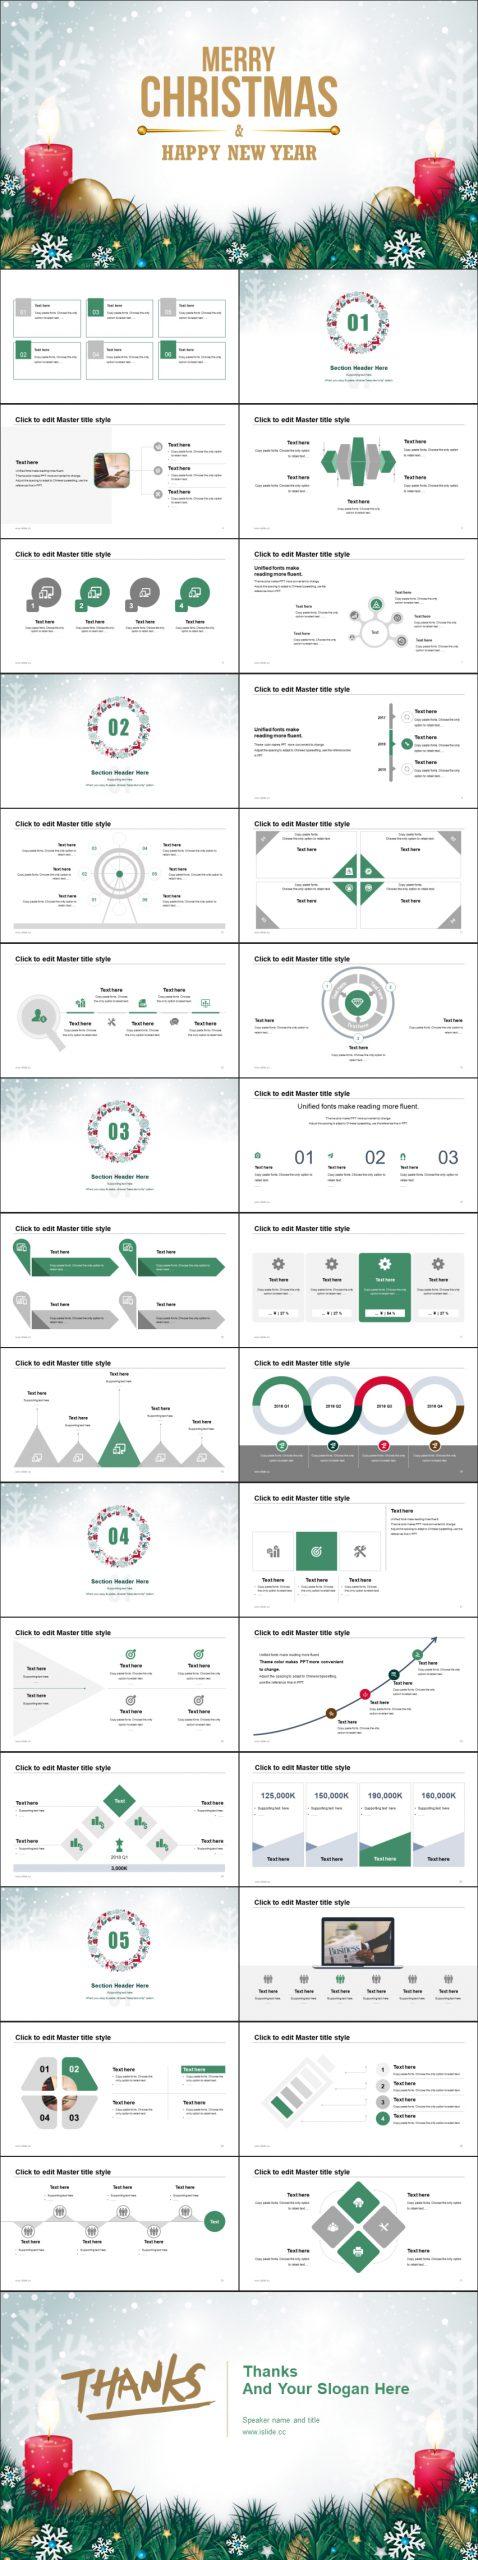 圣誕節慶典節日主題PPT模板下載_預覽圖2